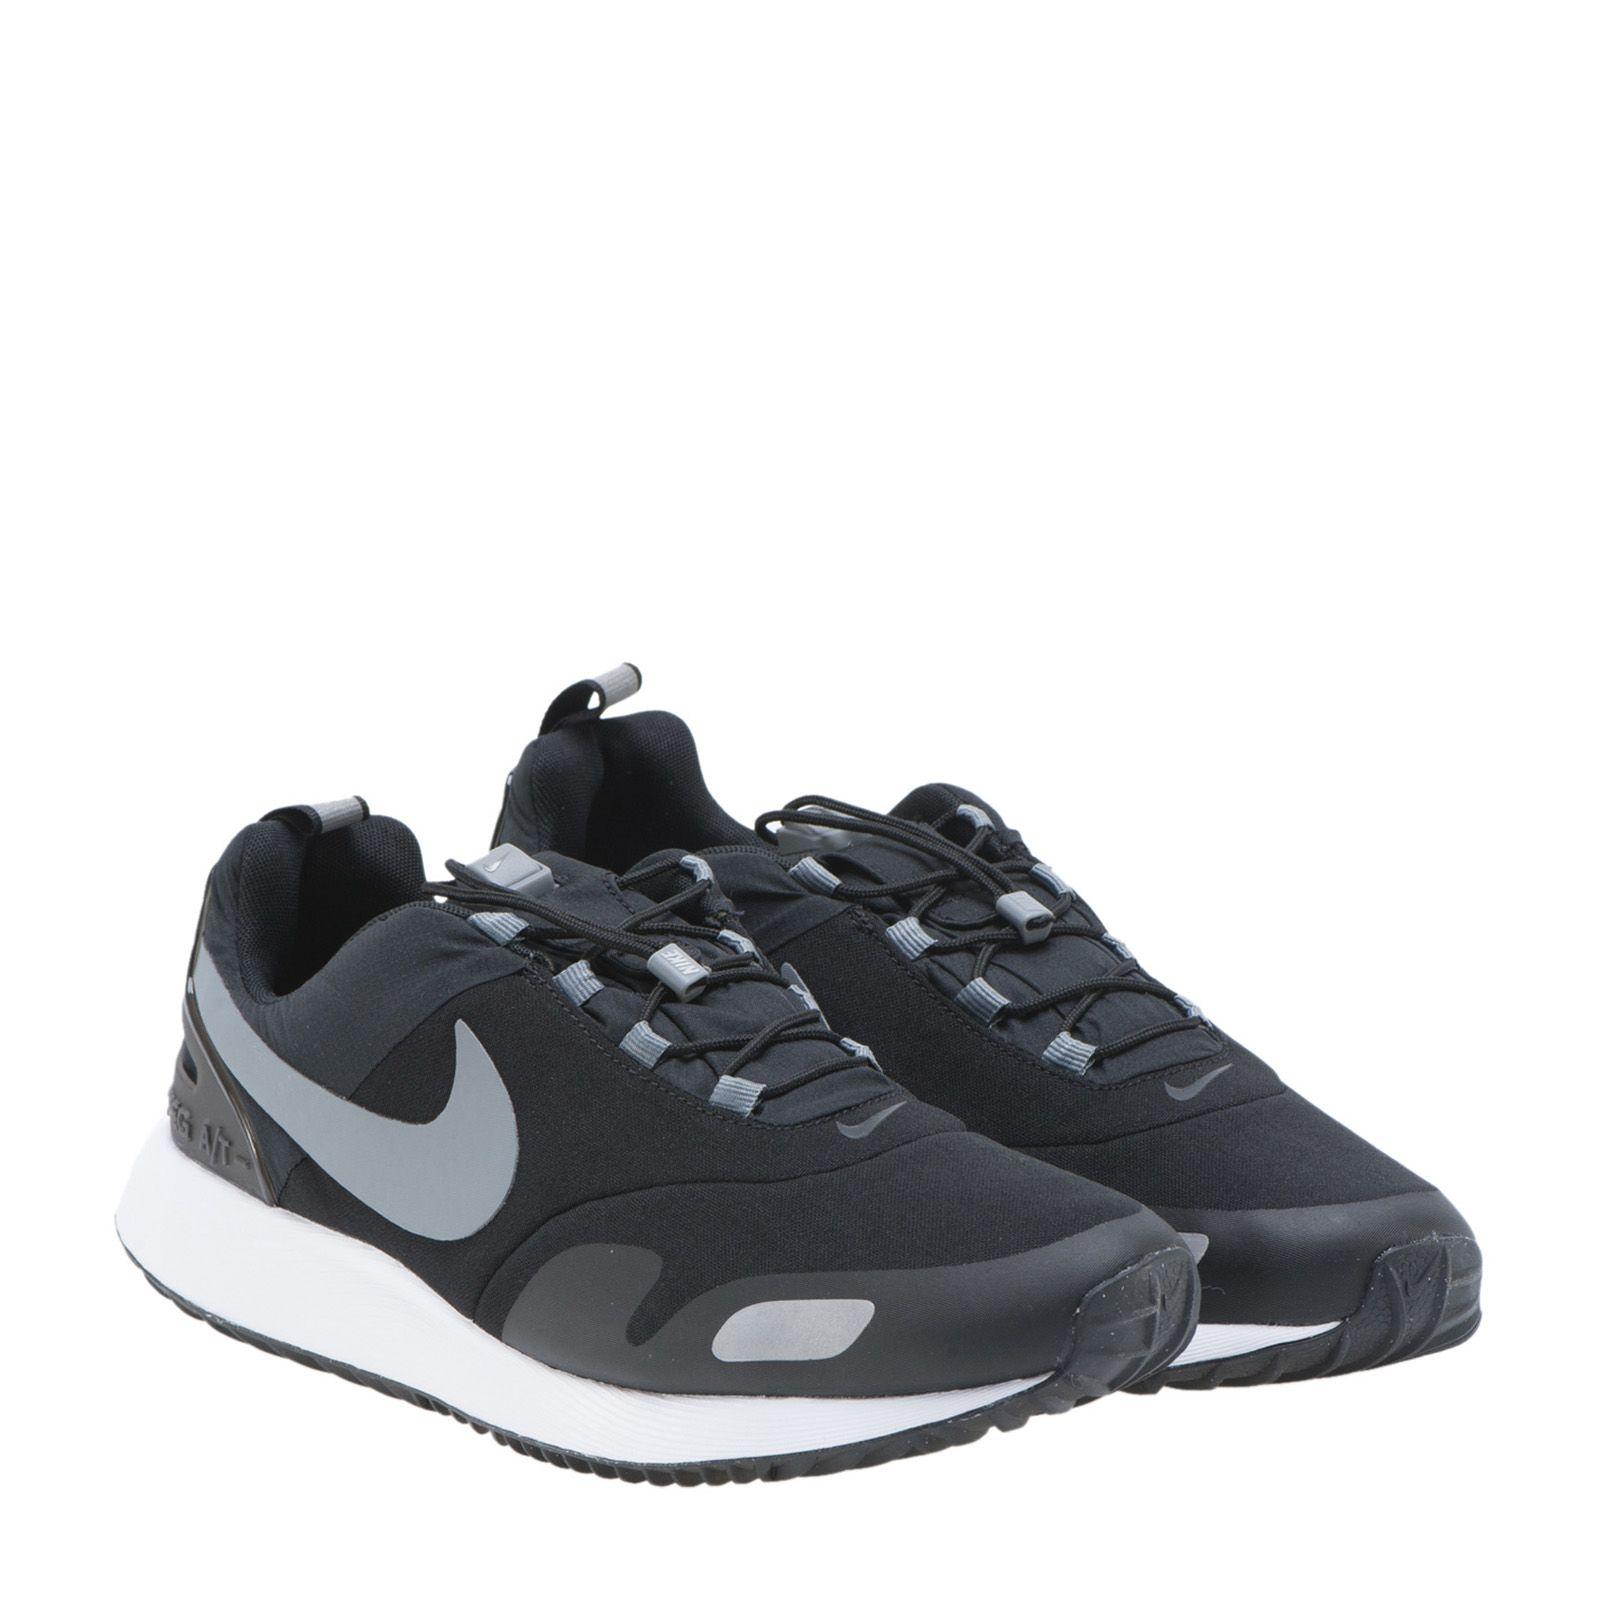 Nike Air Pegasus A-t Sneakers